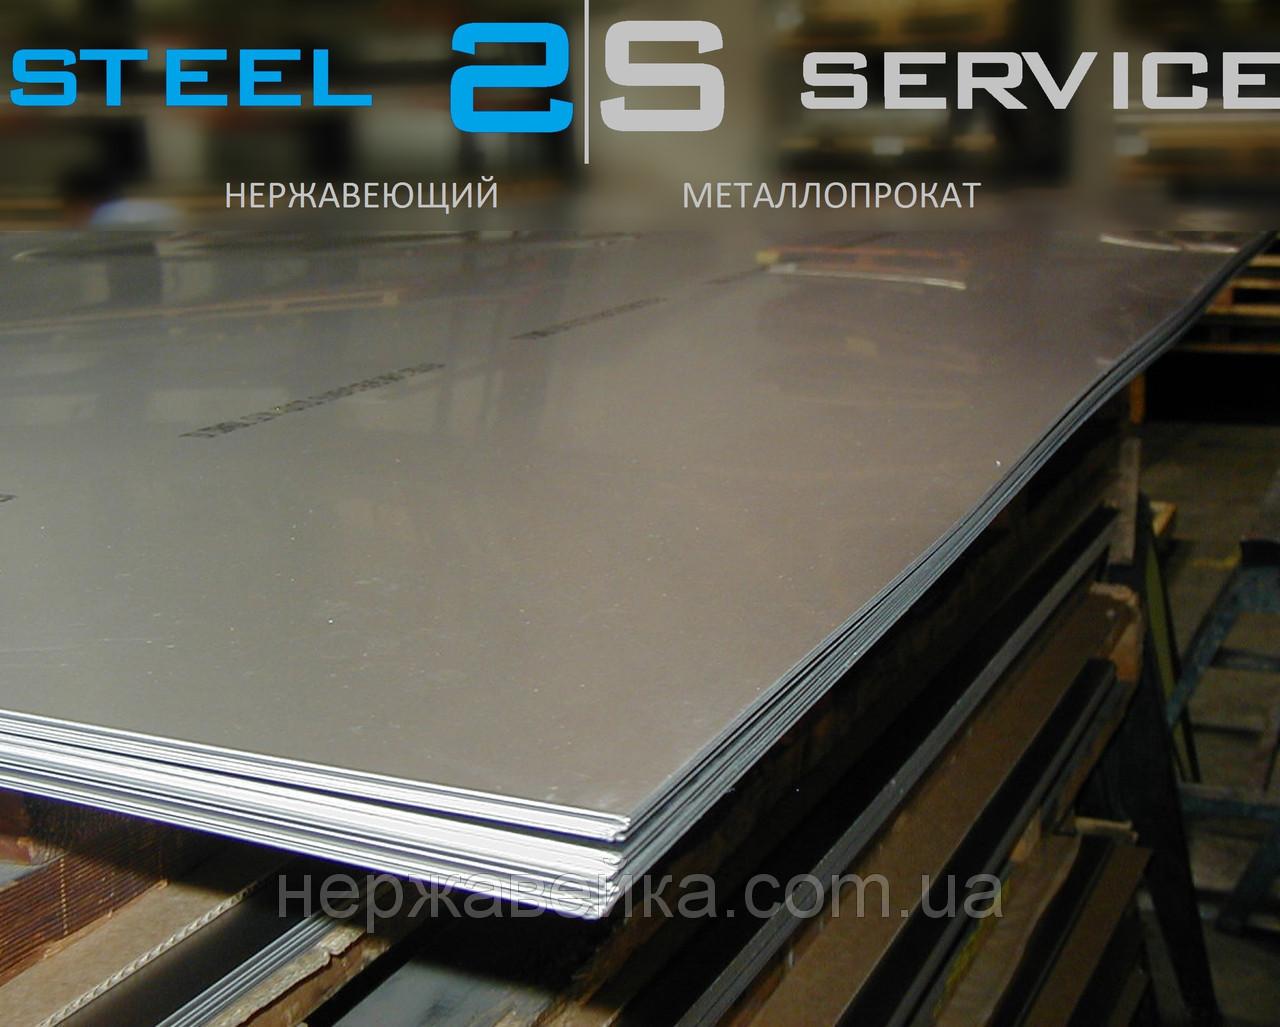 Листовая нержавейка 2х1000х2000мм AISI 430(12Х17) 4N - шлифованный, технический